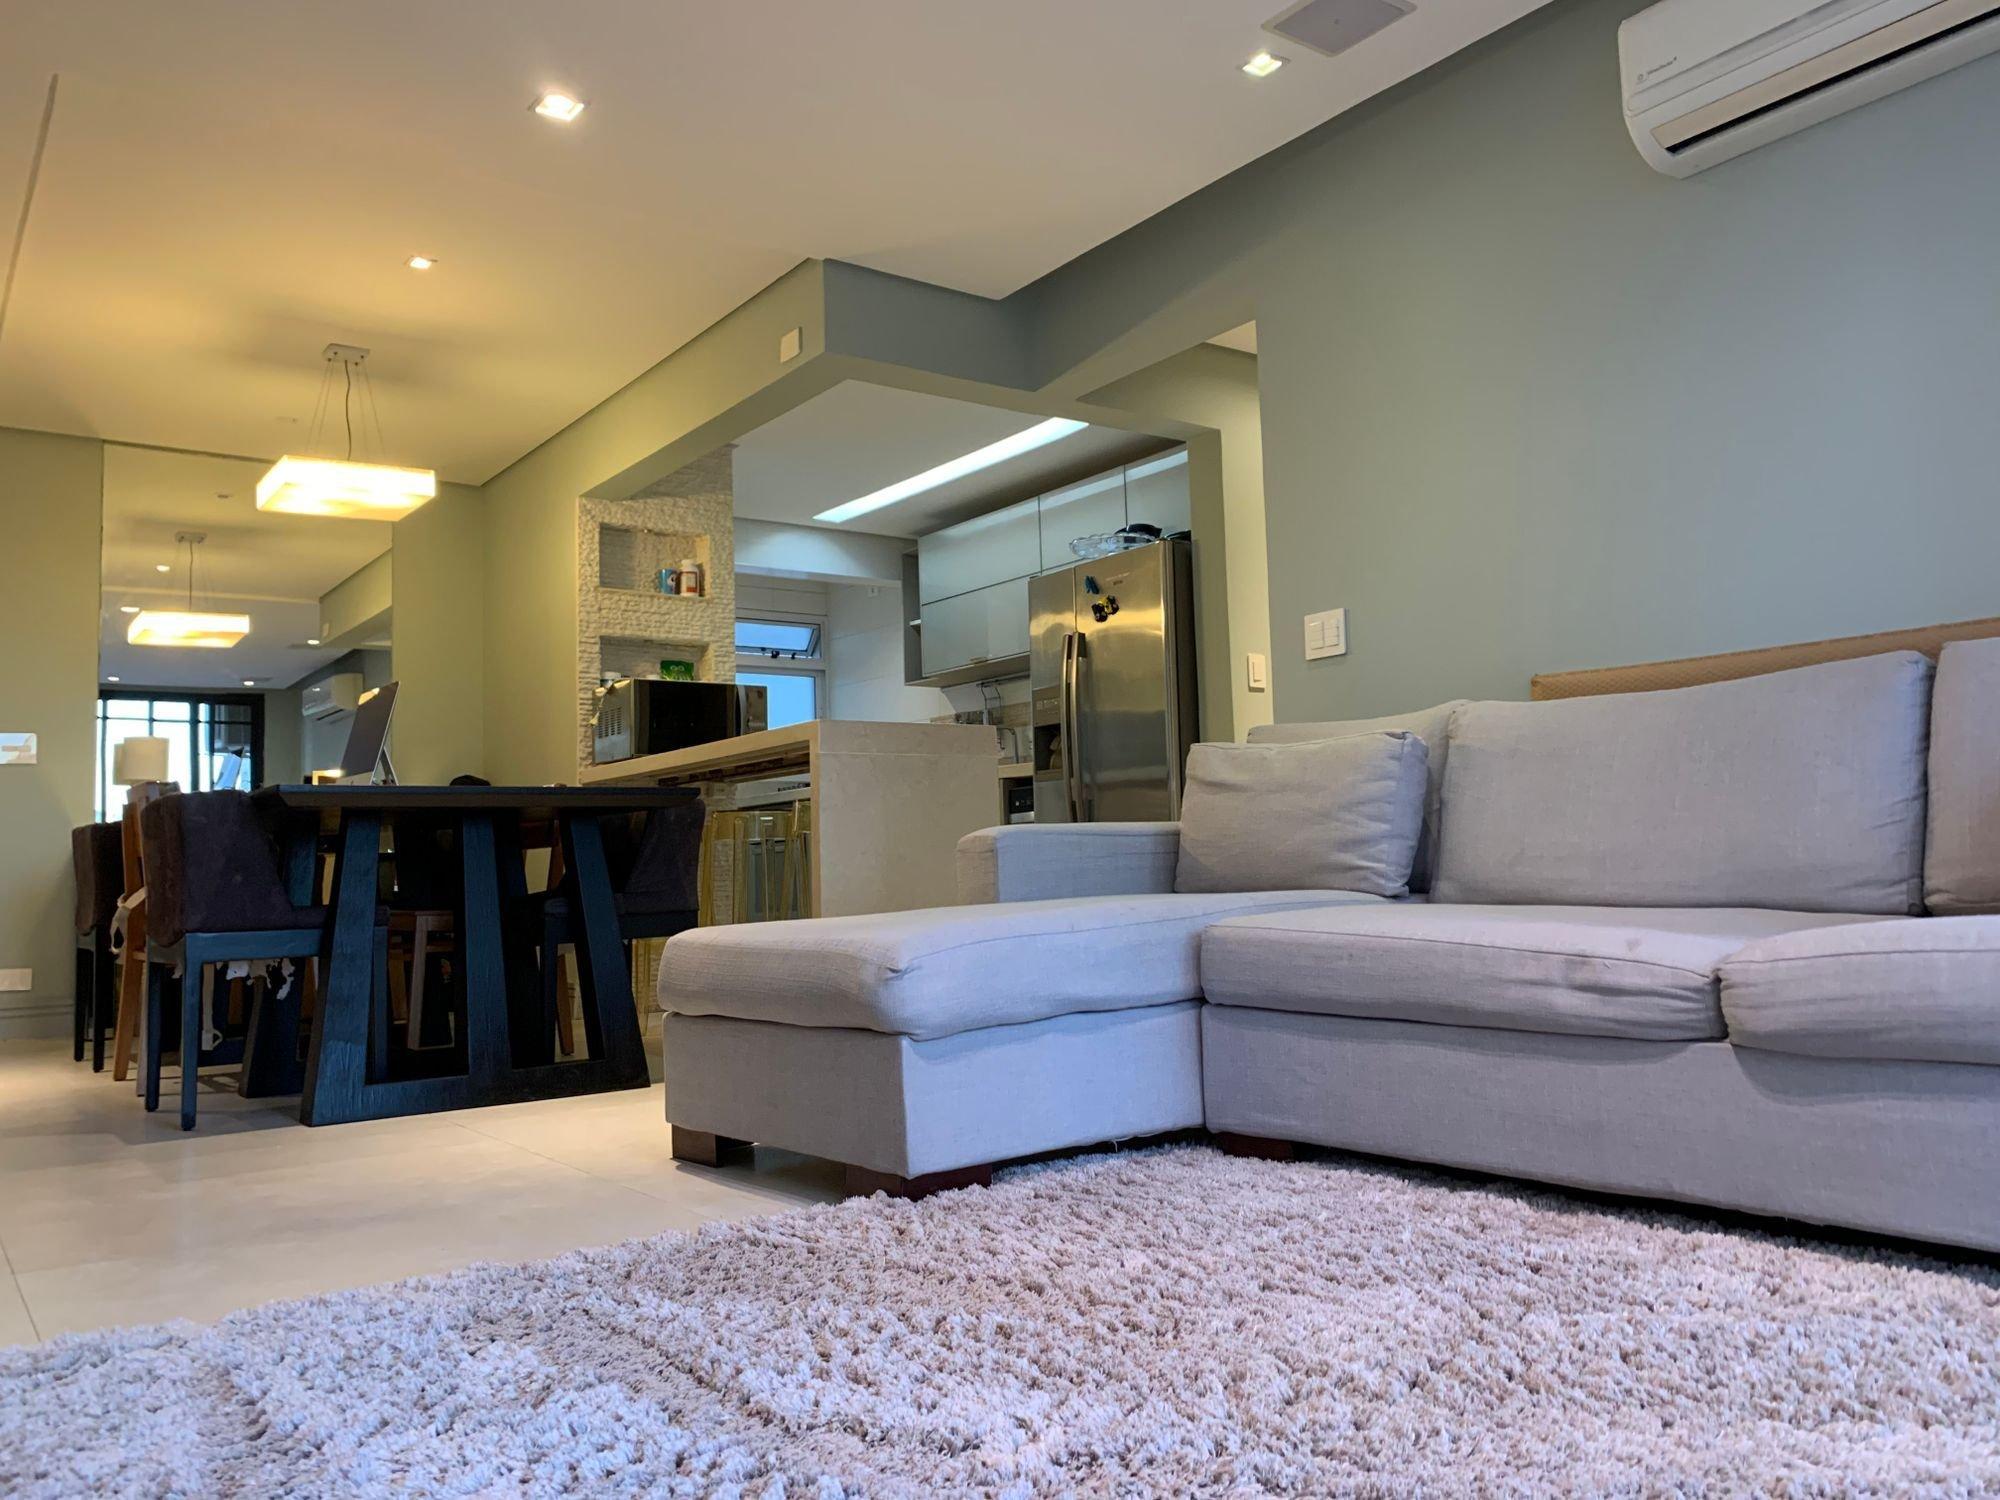 Foto de Sala com sofá, geladeira, cadeira, microondas